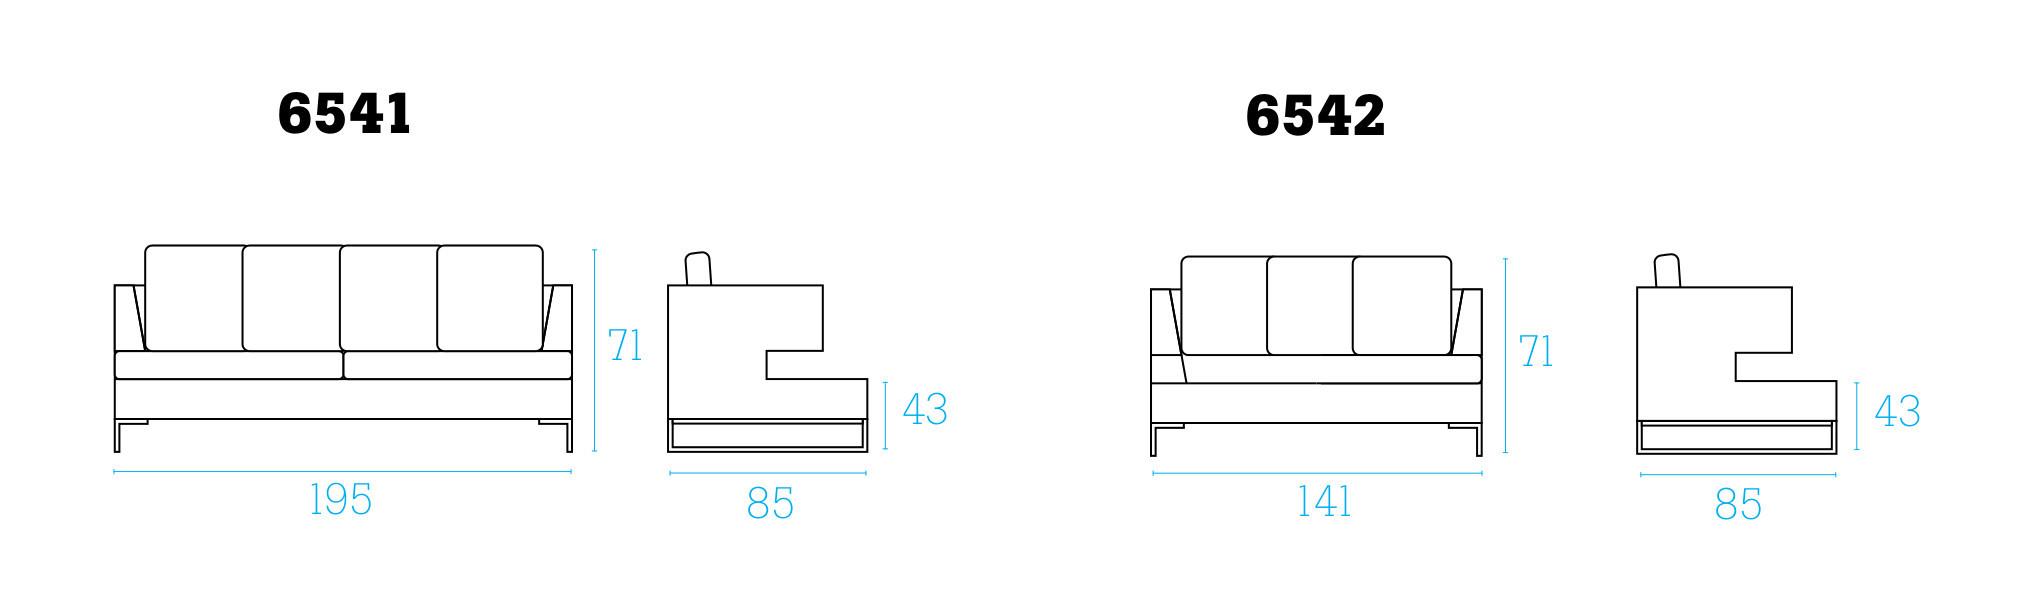 Larghezza divano dimensioni divani con bracciolo large for Divano letto dimensioni ridotte